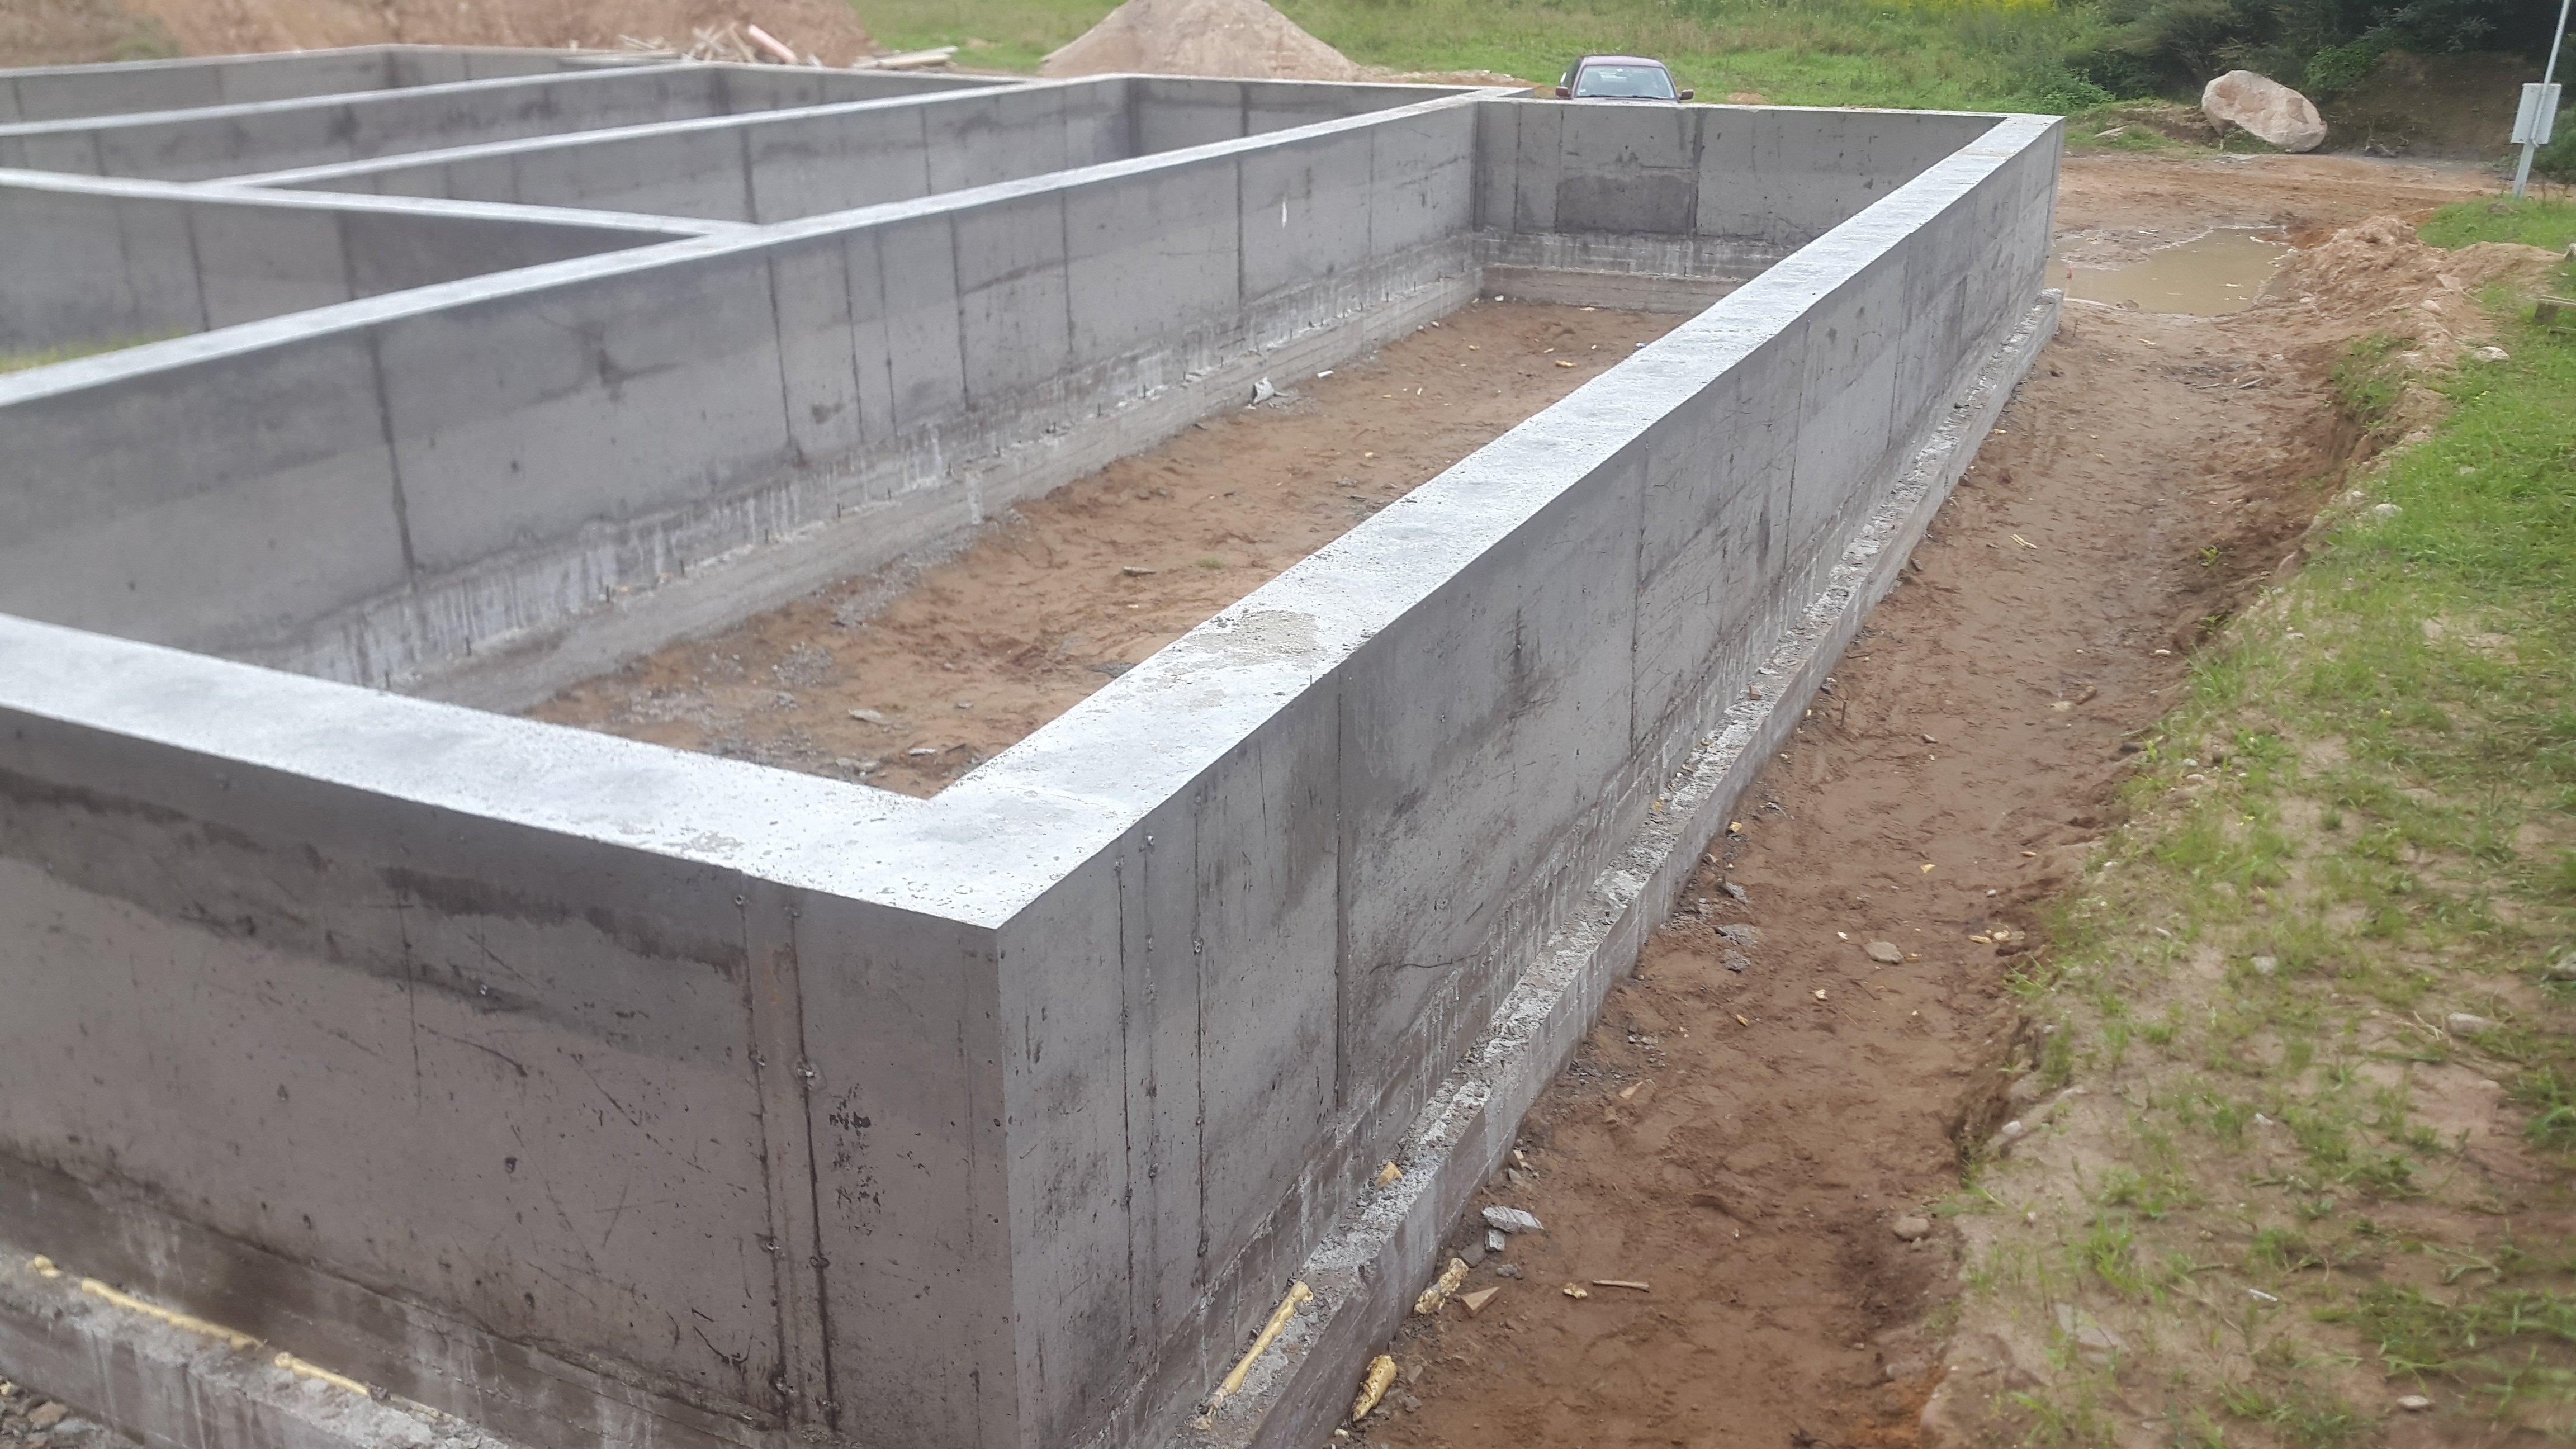 Строительство (заливка) фундамента в Минске. Мы строим качественный монолитный, свайный, винтовой фундамент из бетона под дом. Заливка фундамента. Цена.